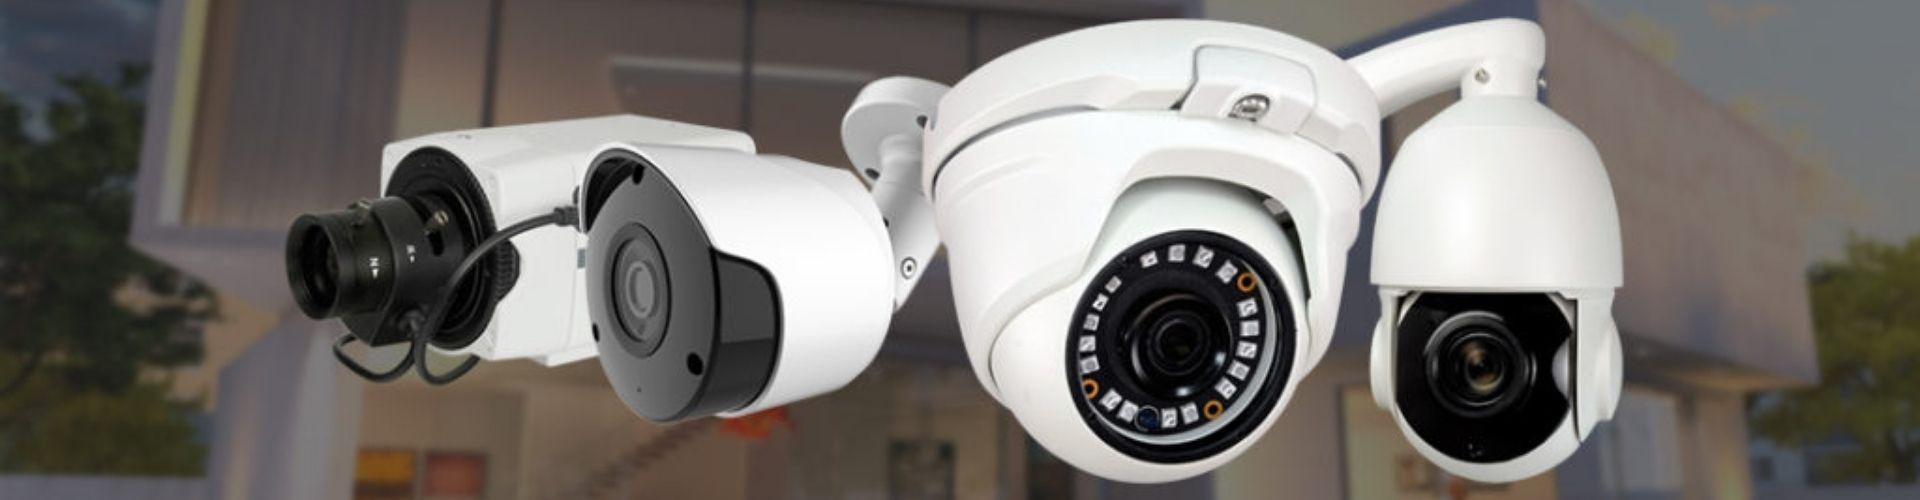 Cámaras con sensor de movimiento, gran alcance, notificaciones en el móvil en Antequera